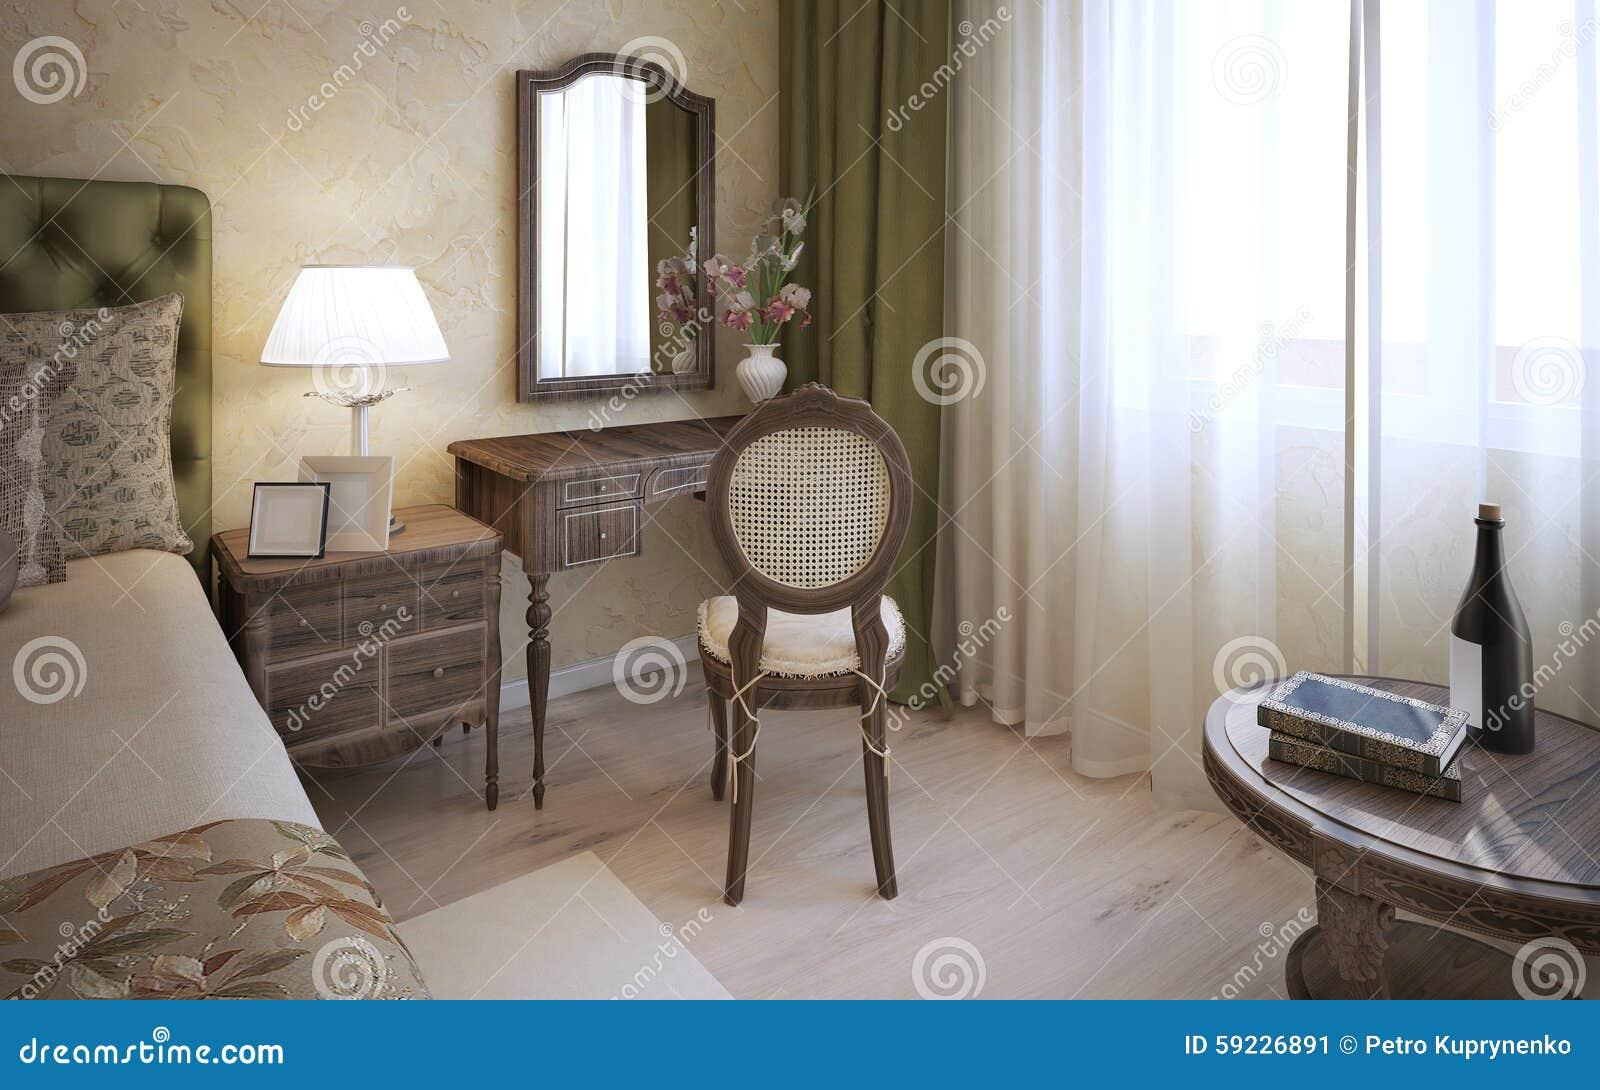 Tavola di condimento in camera da letto inglese illustrazione di